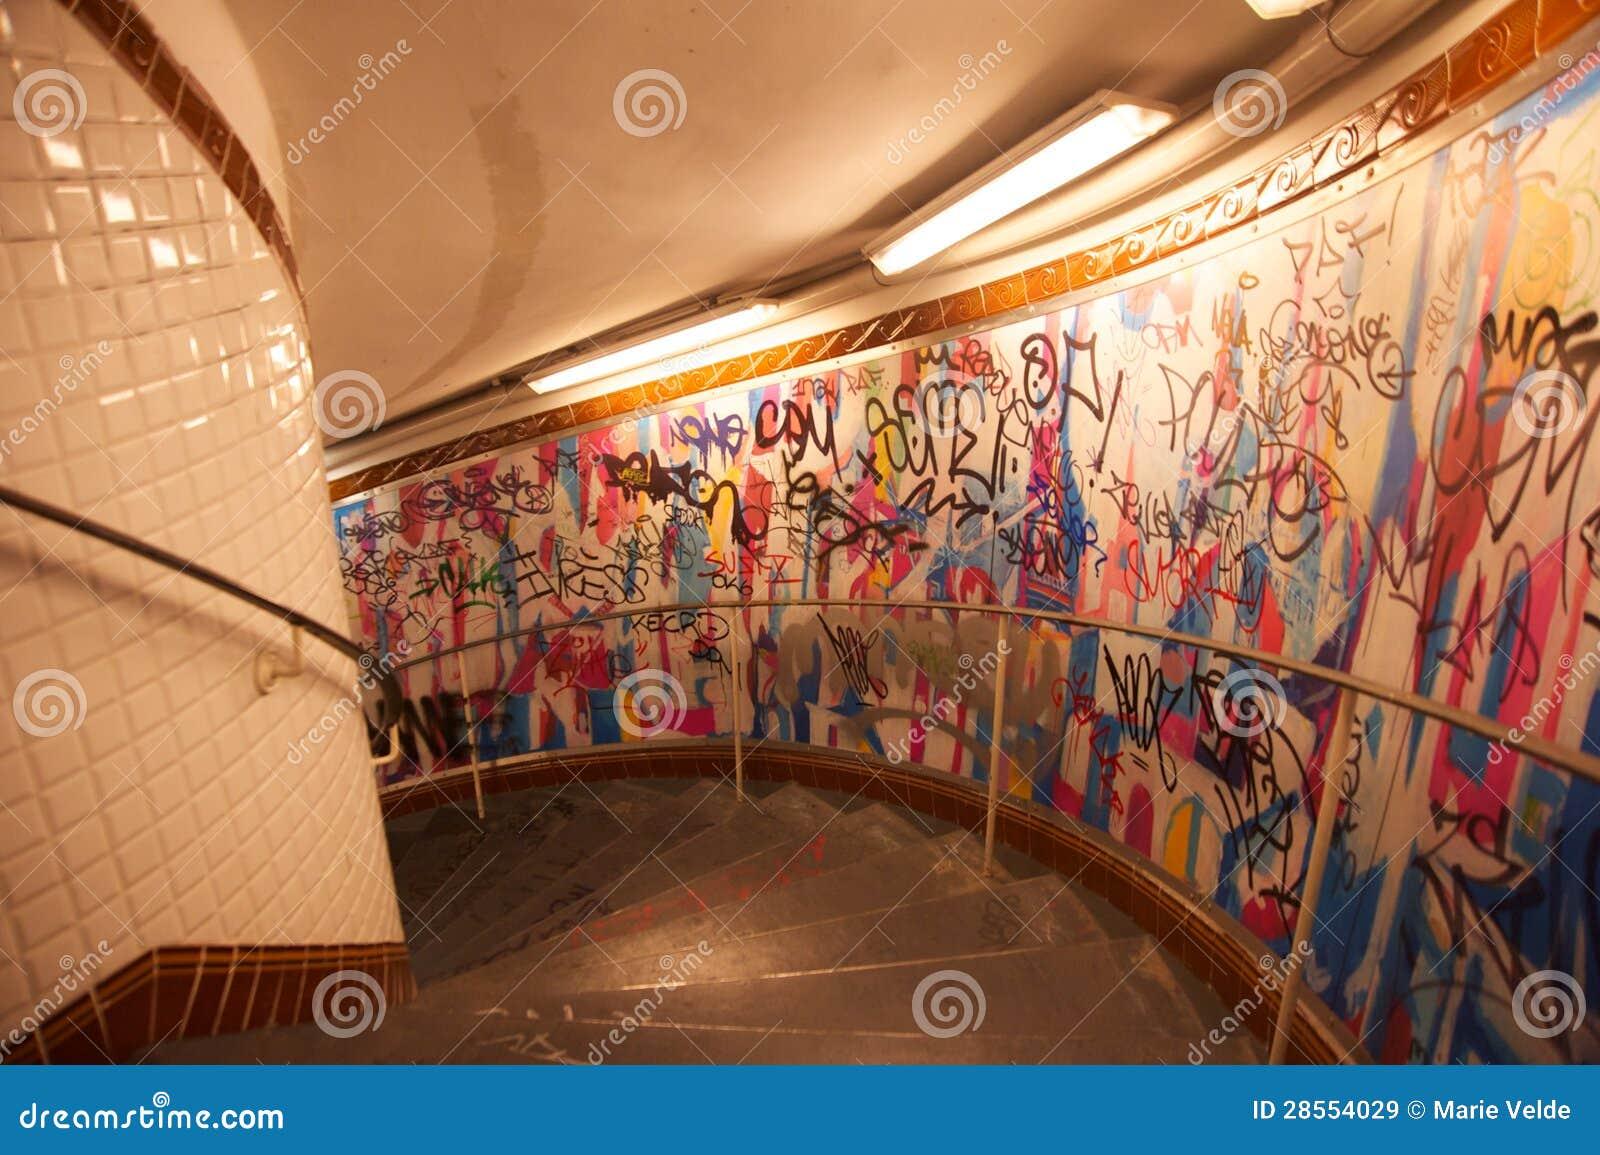 Metro van de abdissen van parijs trap stock afbeelding